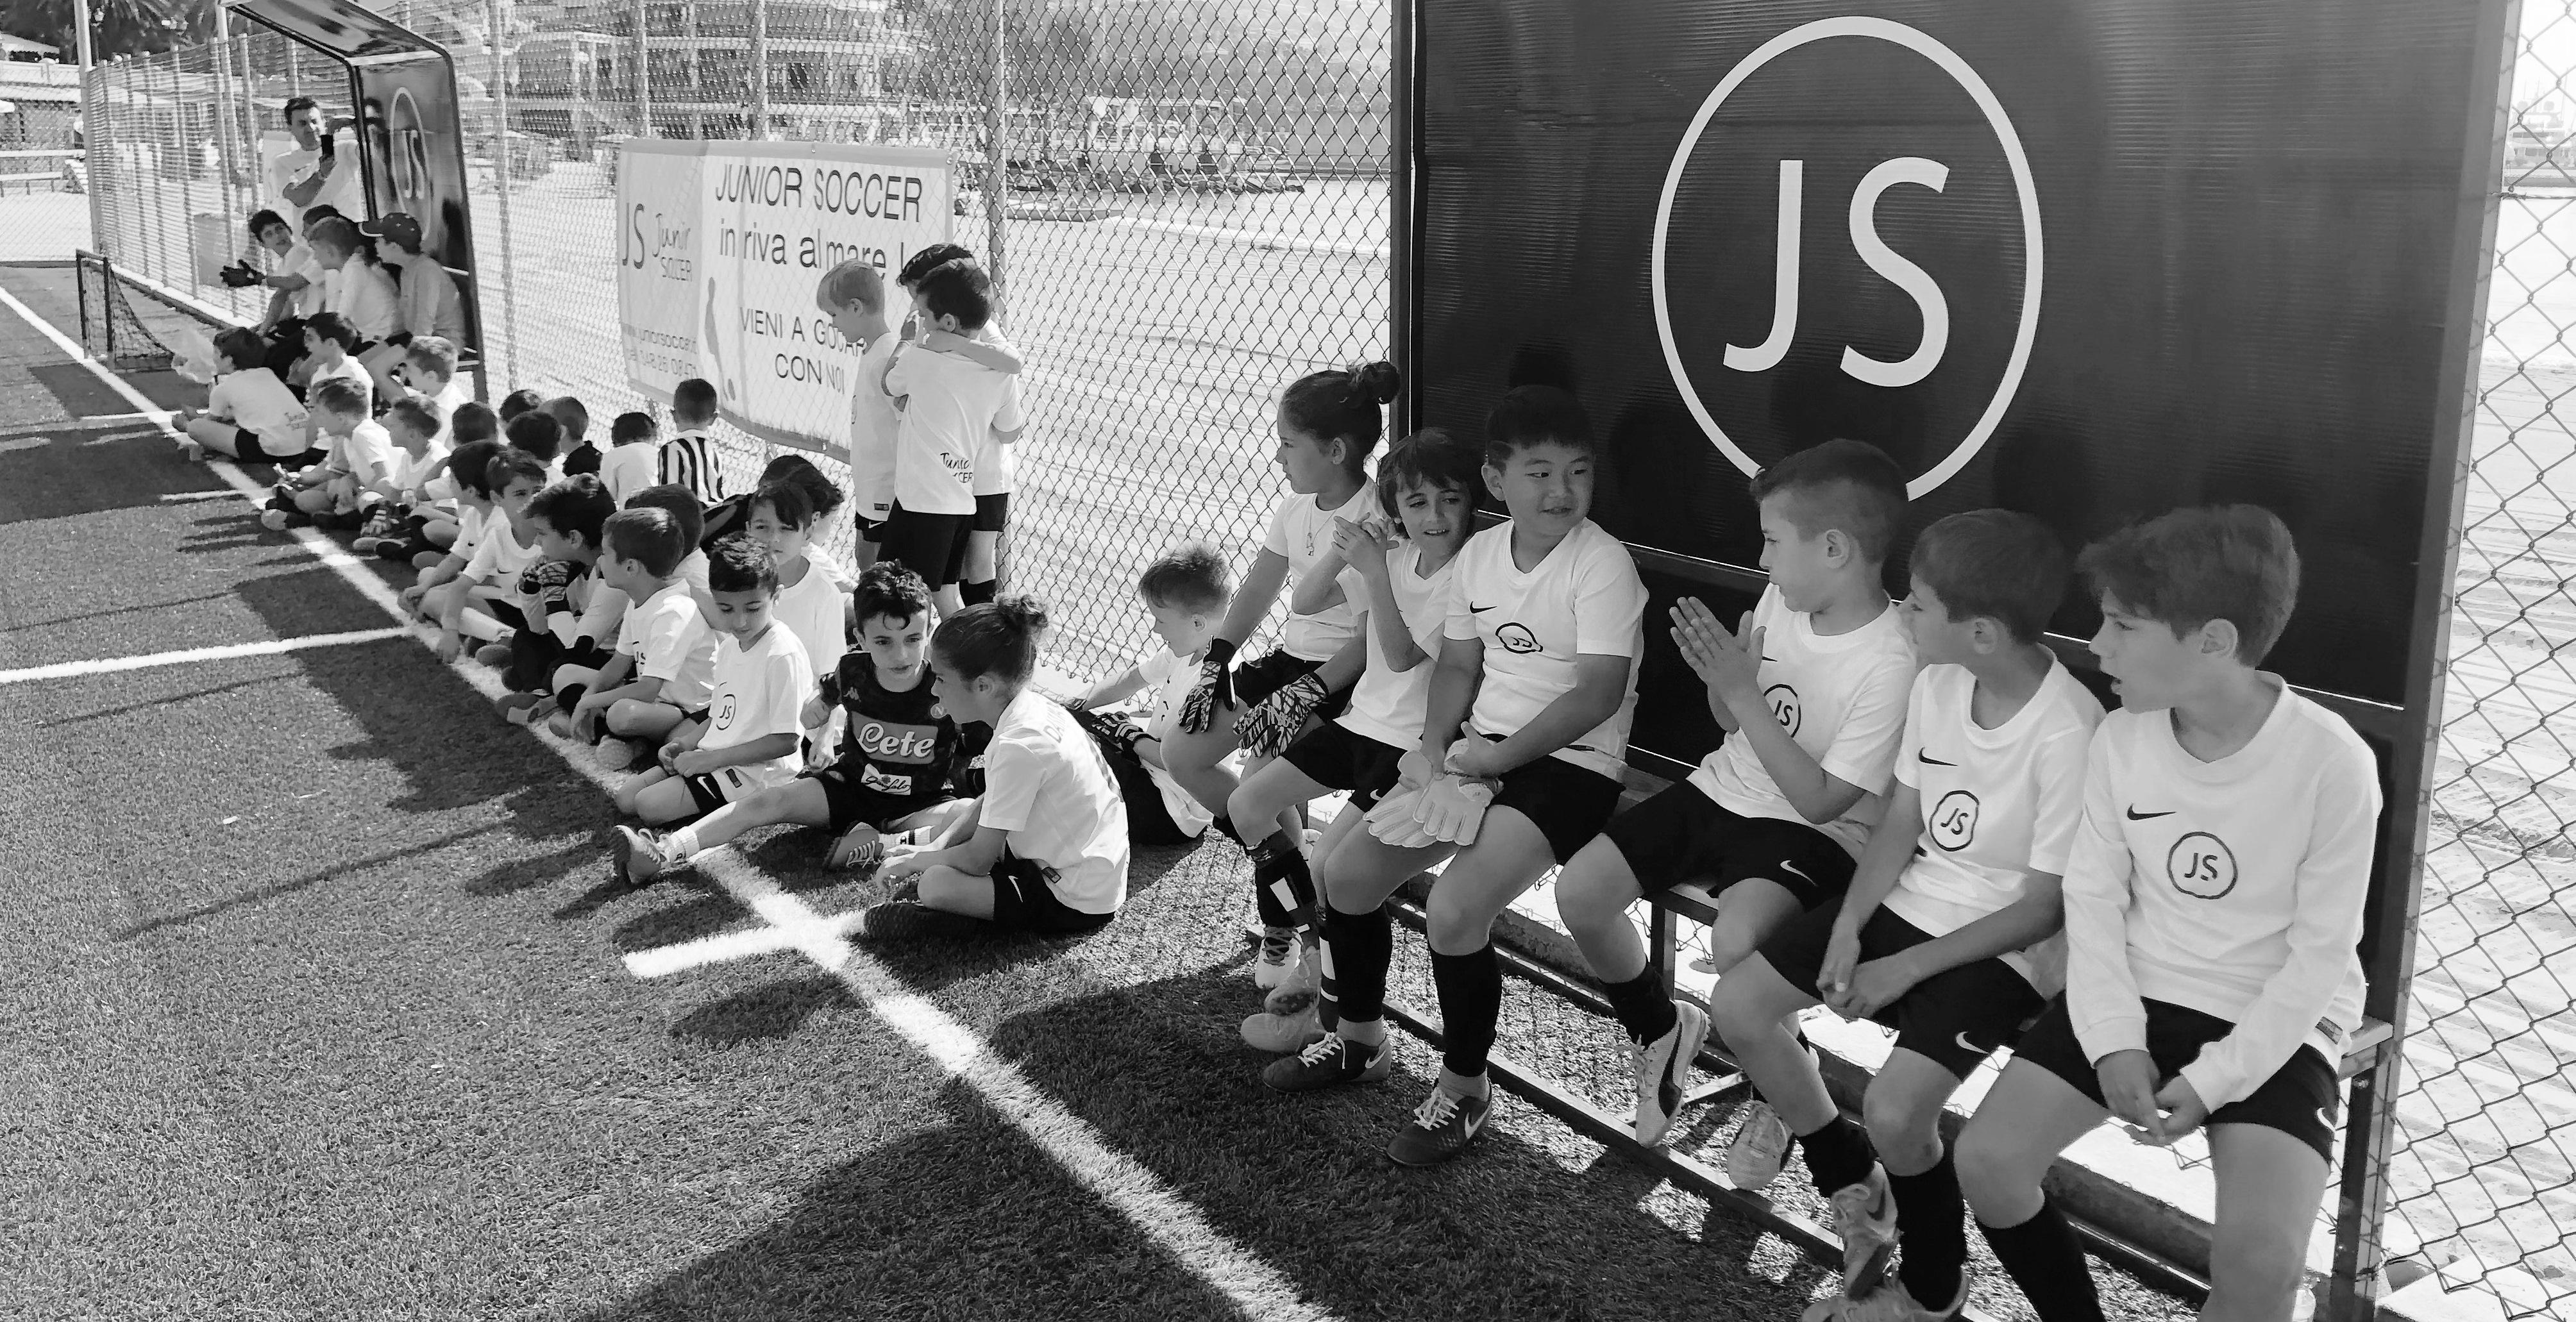 JS kids